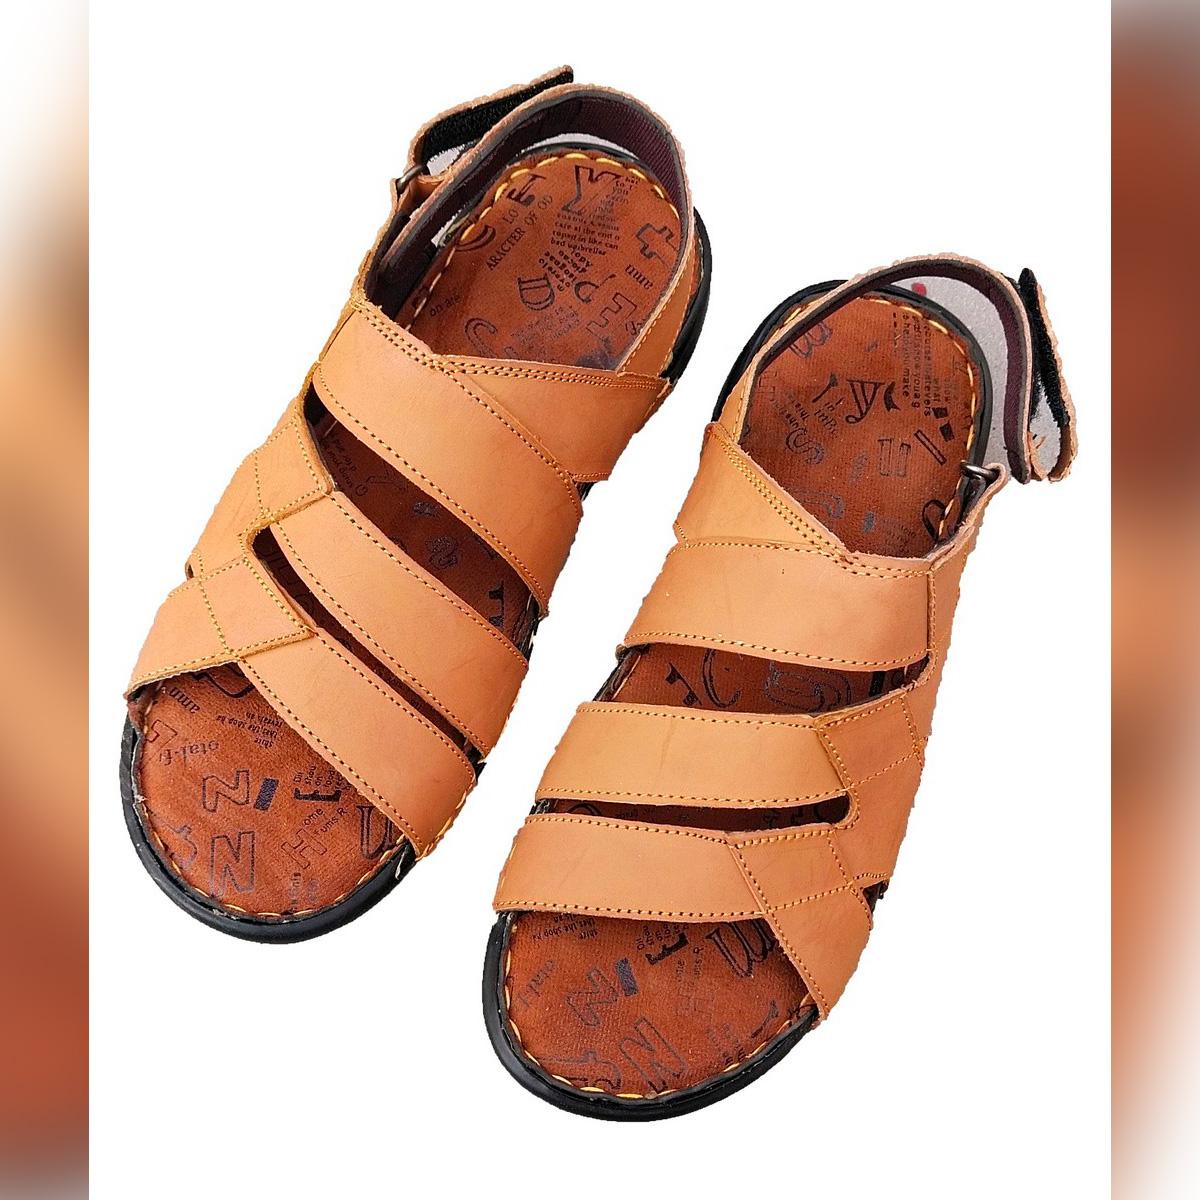 Easy Leather Sandal for Men - V.S